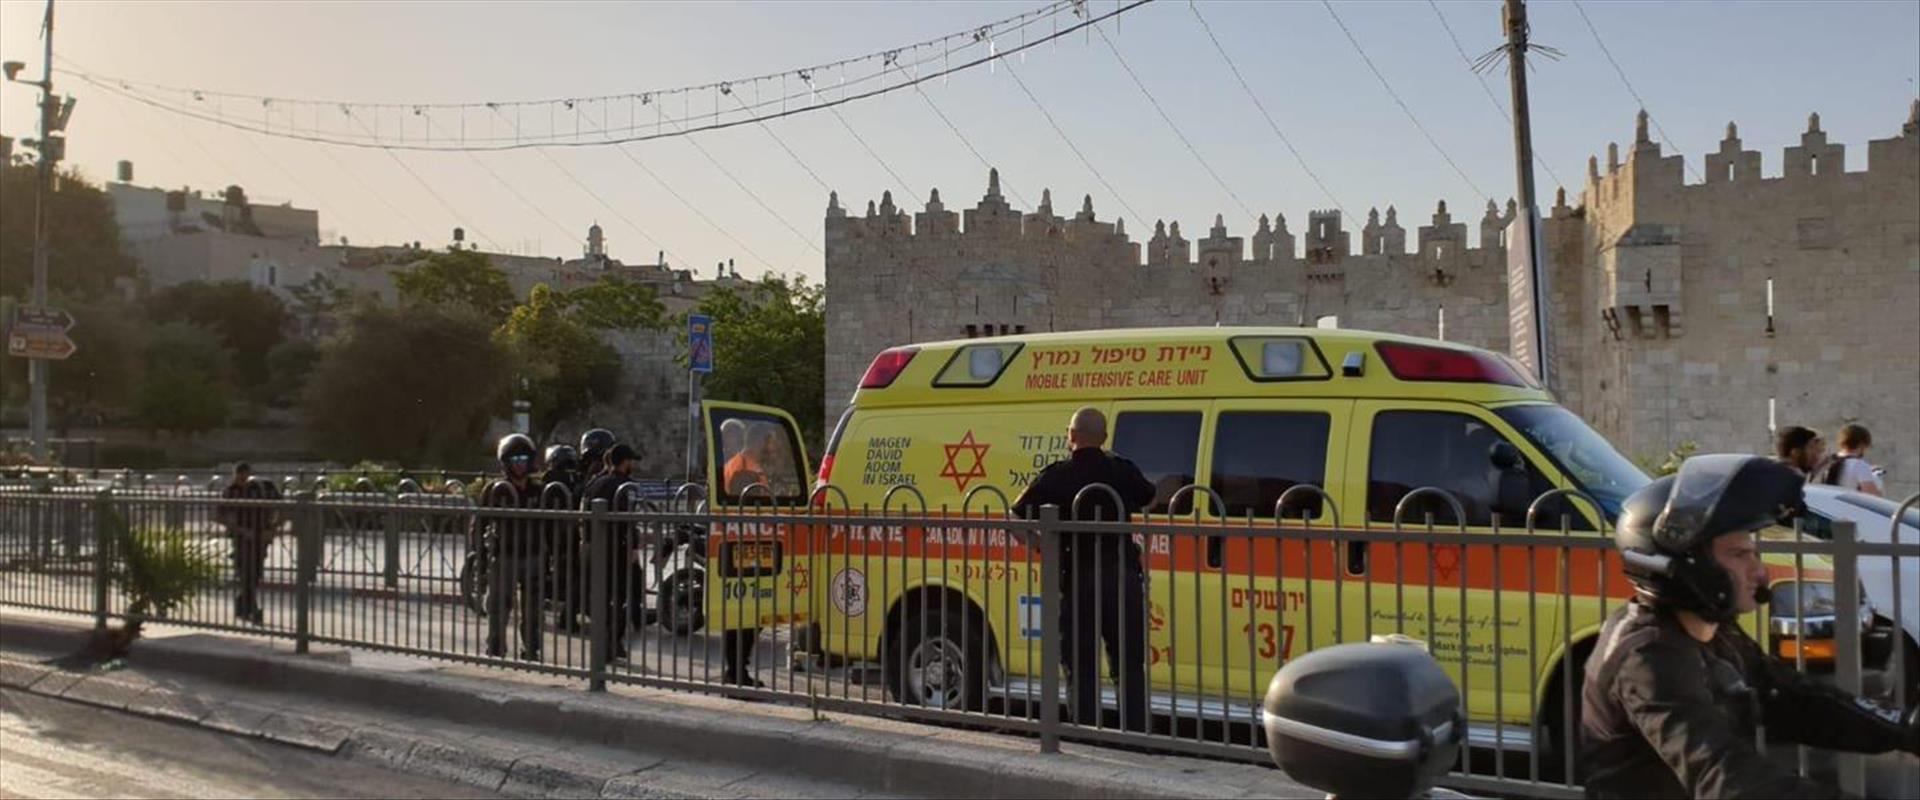 זירת האירוע בירושלים